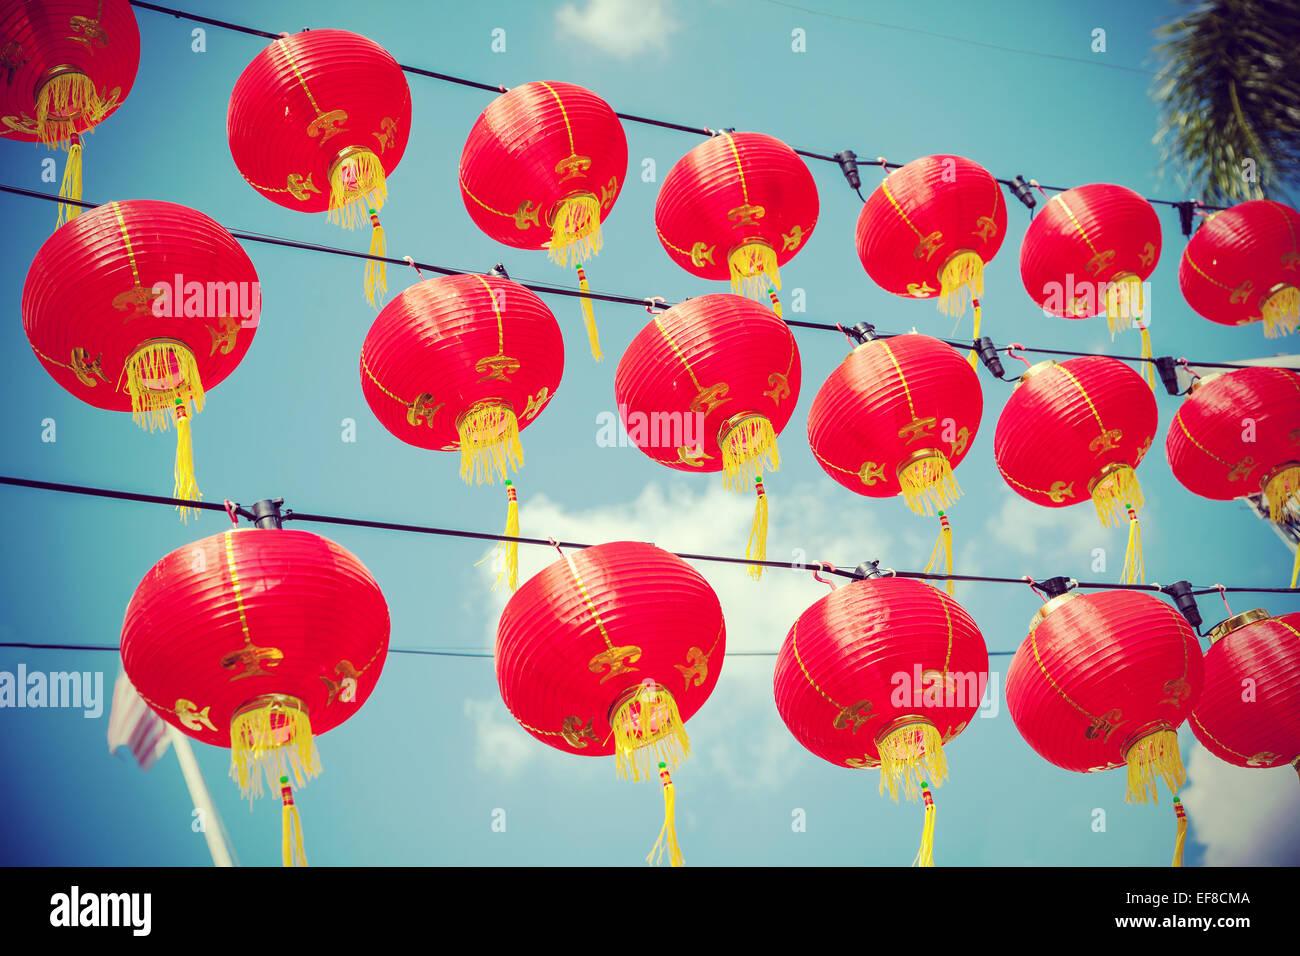 Retro-gefilterte chinesische rote Papierlaternen gegen blauen Himmel. Stockbild